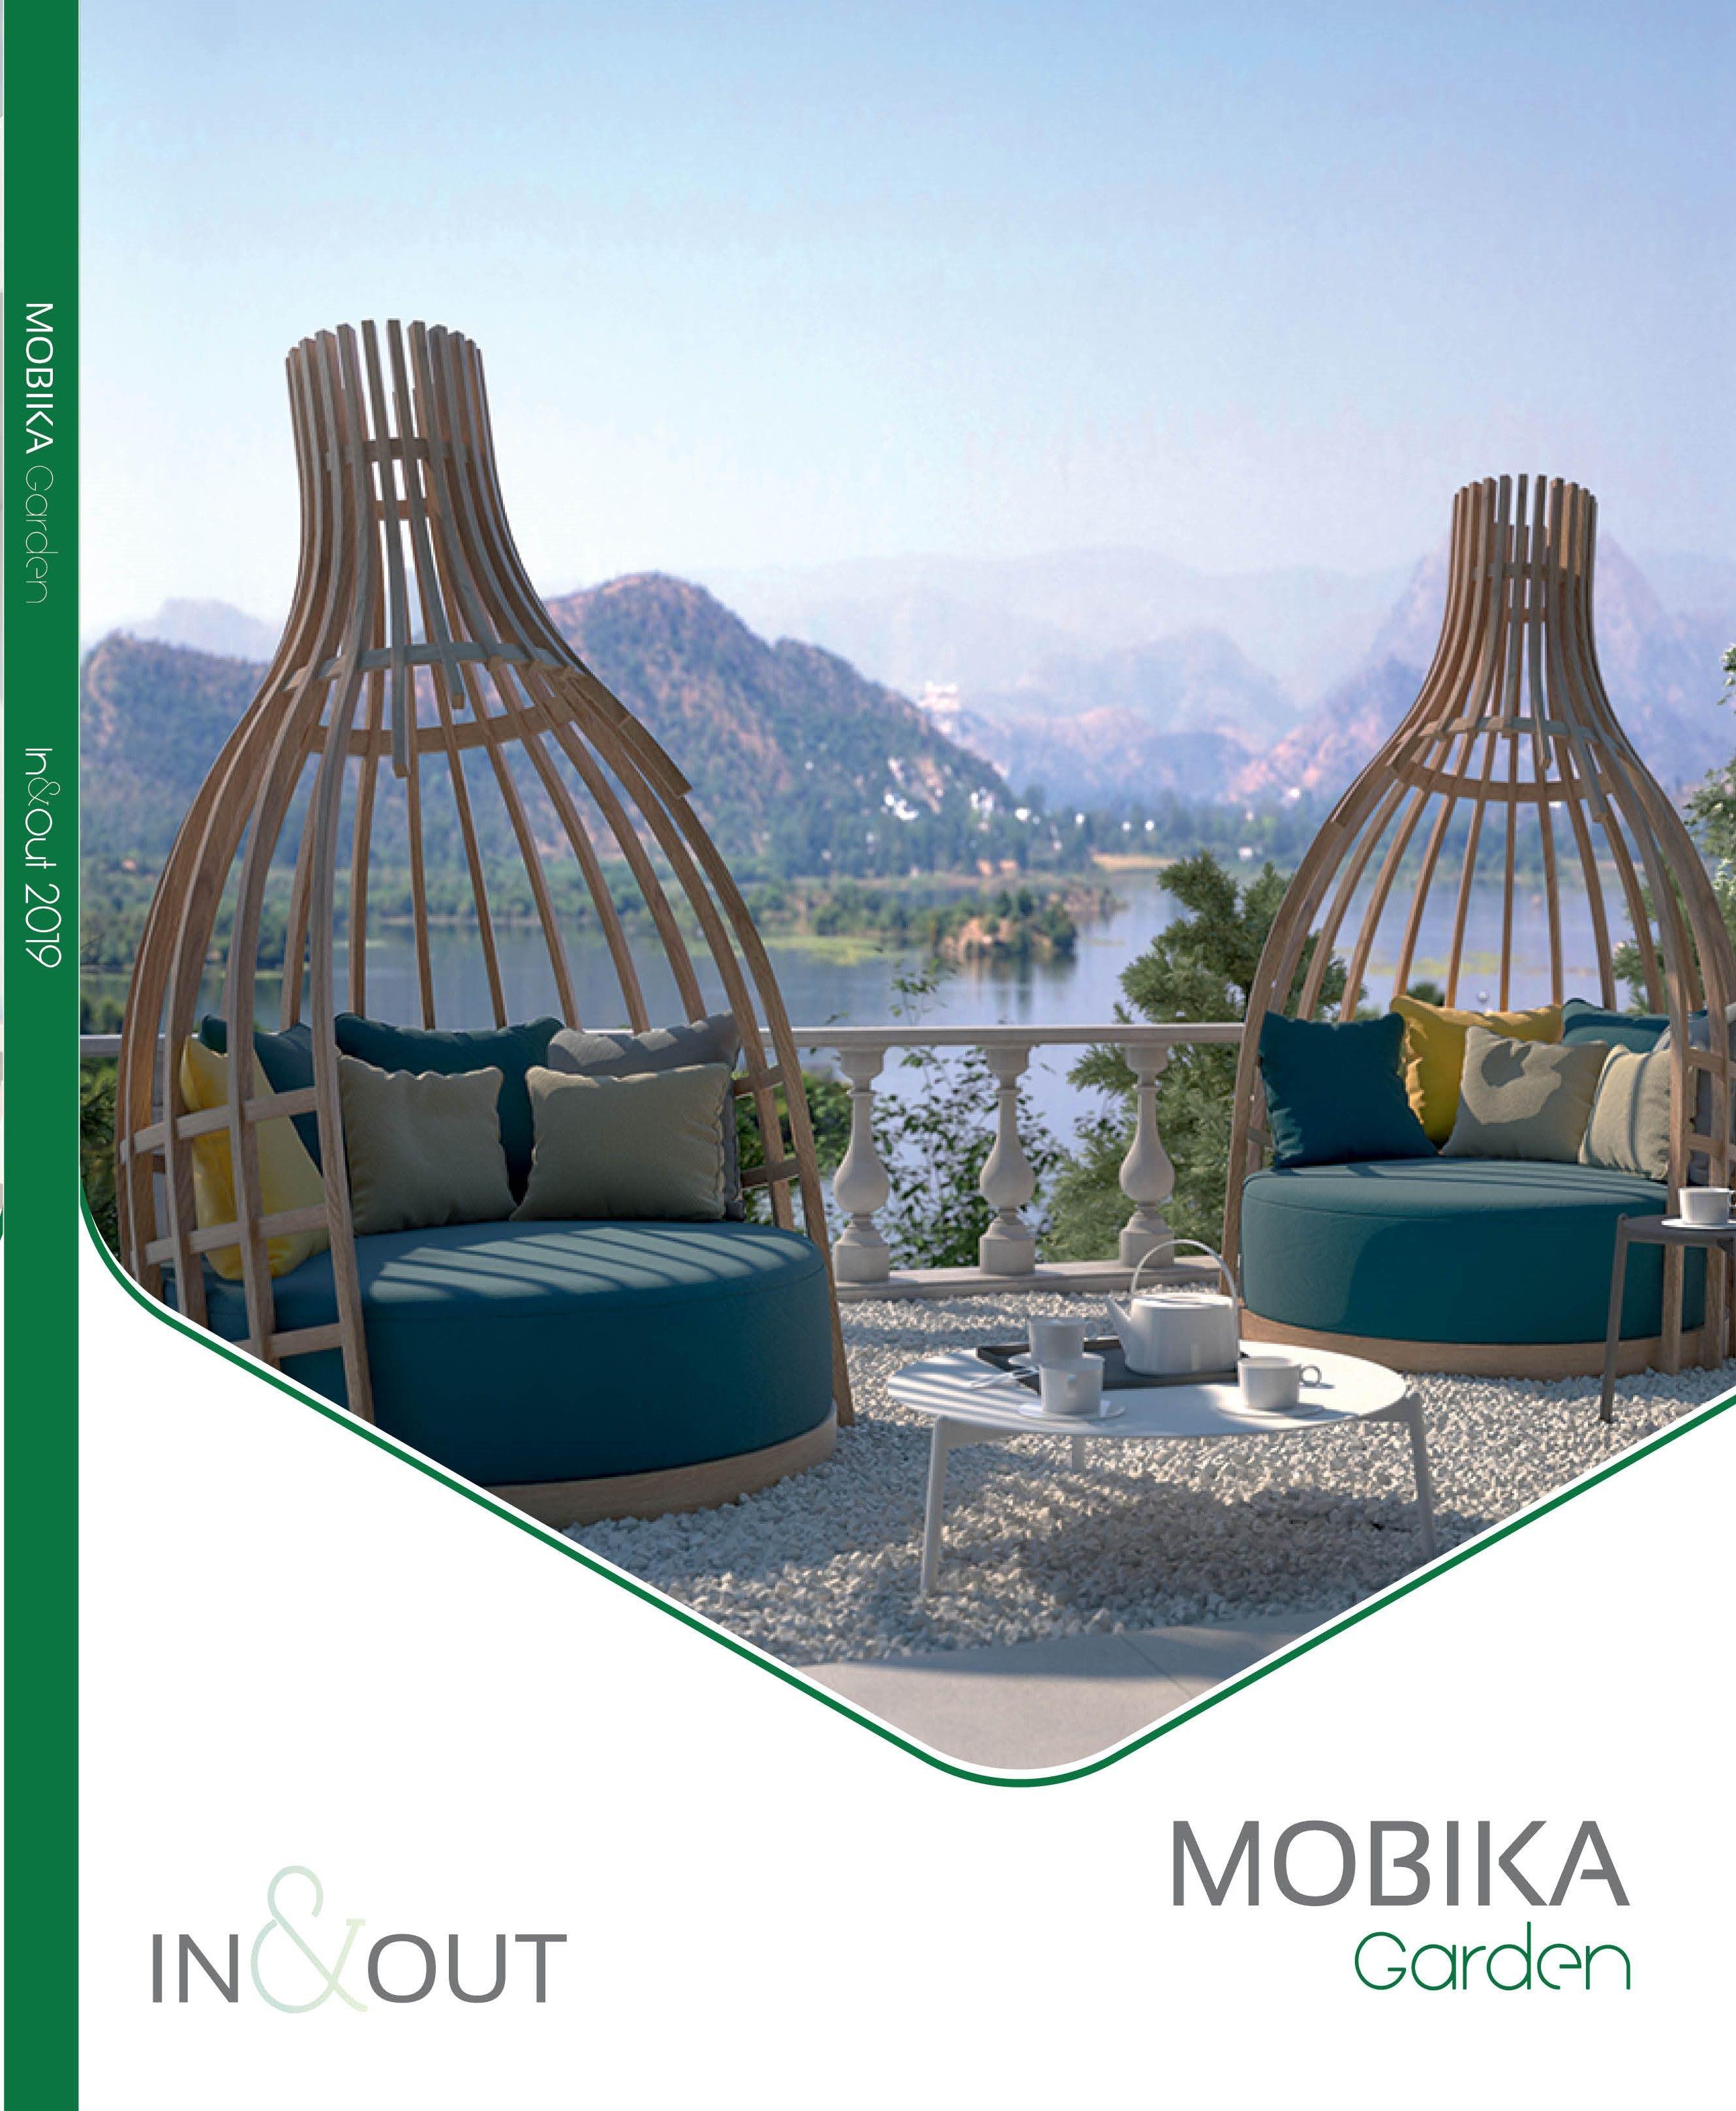 Découvrez notre mobilier de jardin design - Mobika Garden